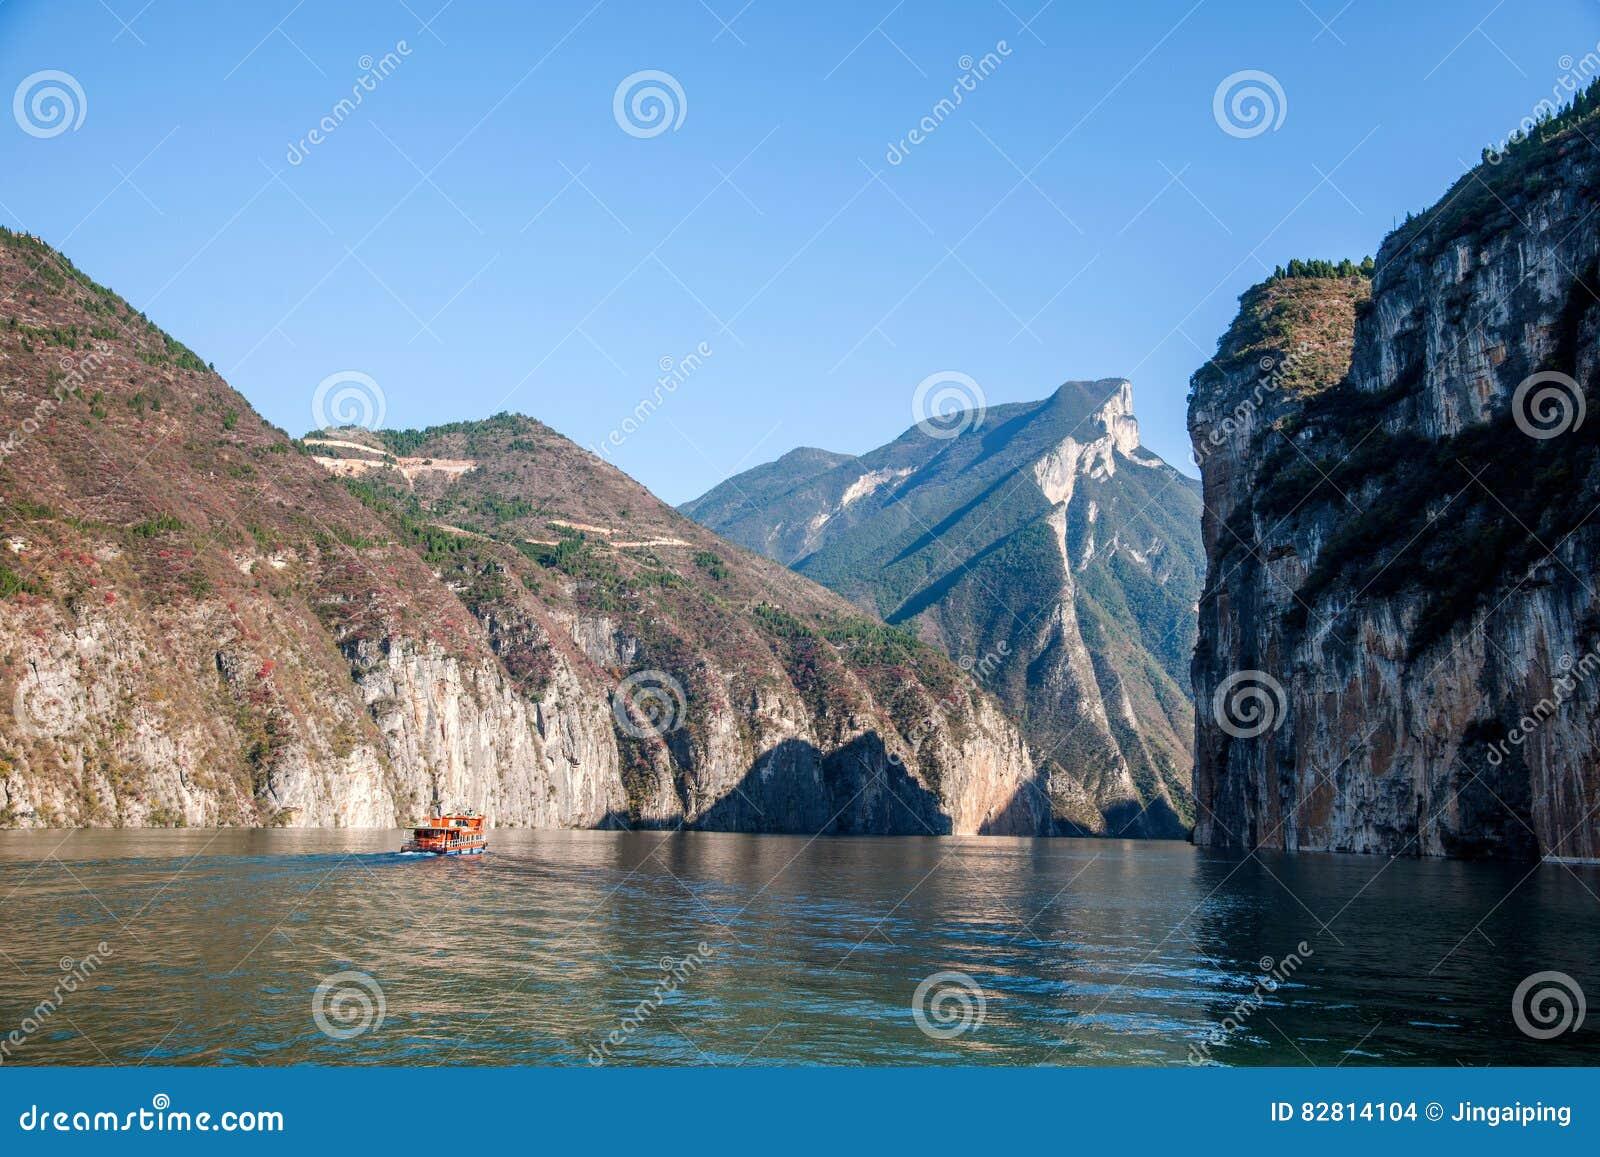 Three Gorges de la garganta del río Yangzi Qutangxia